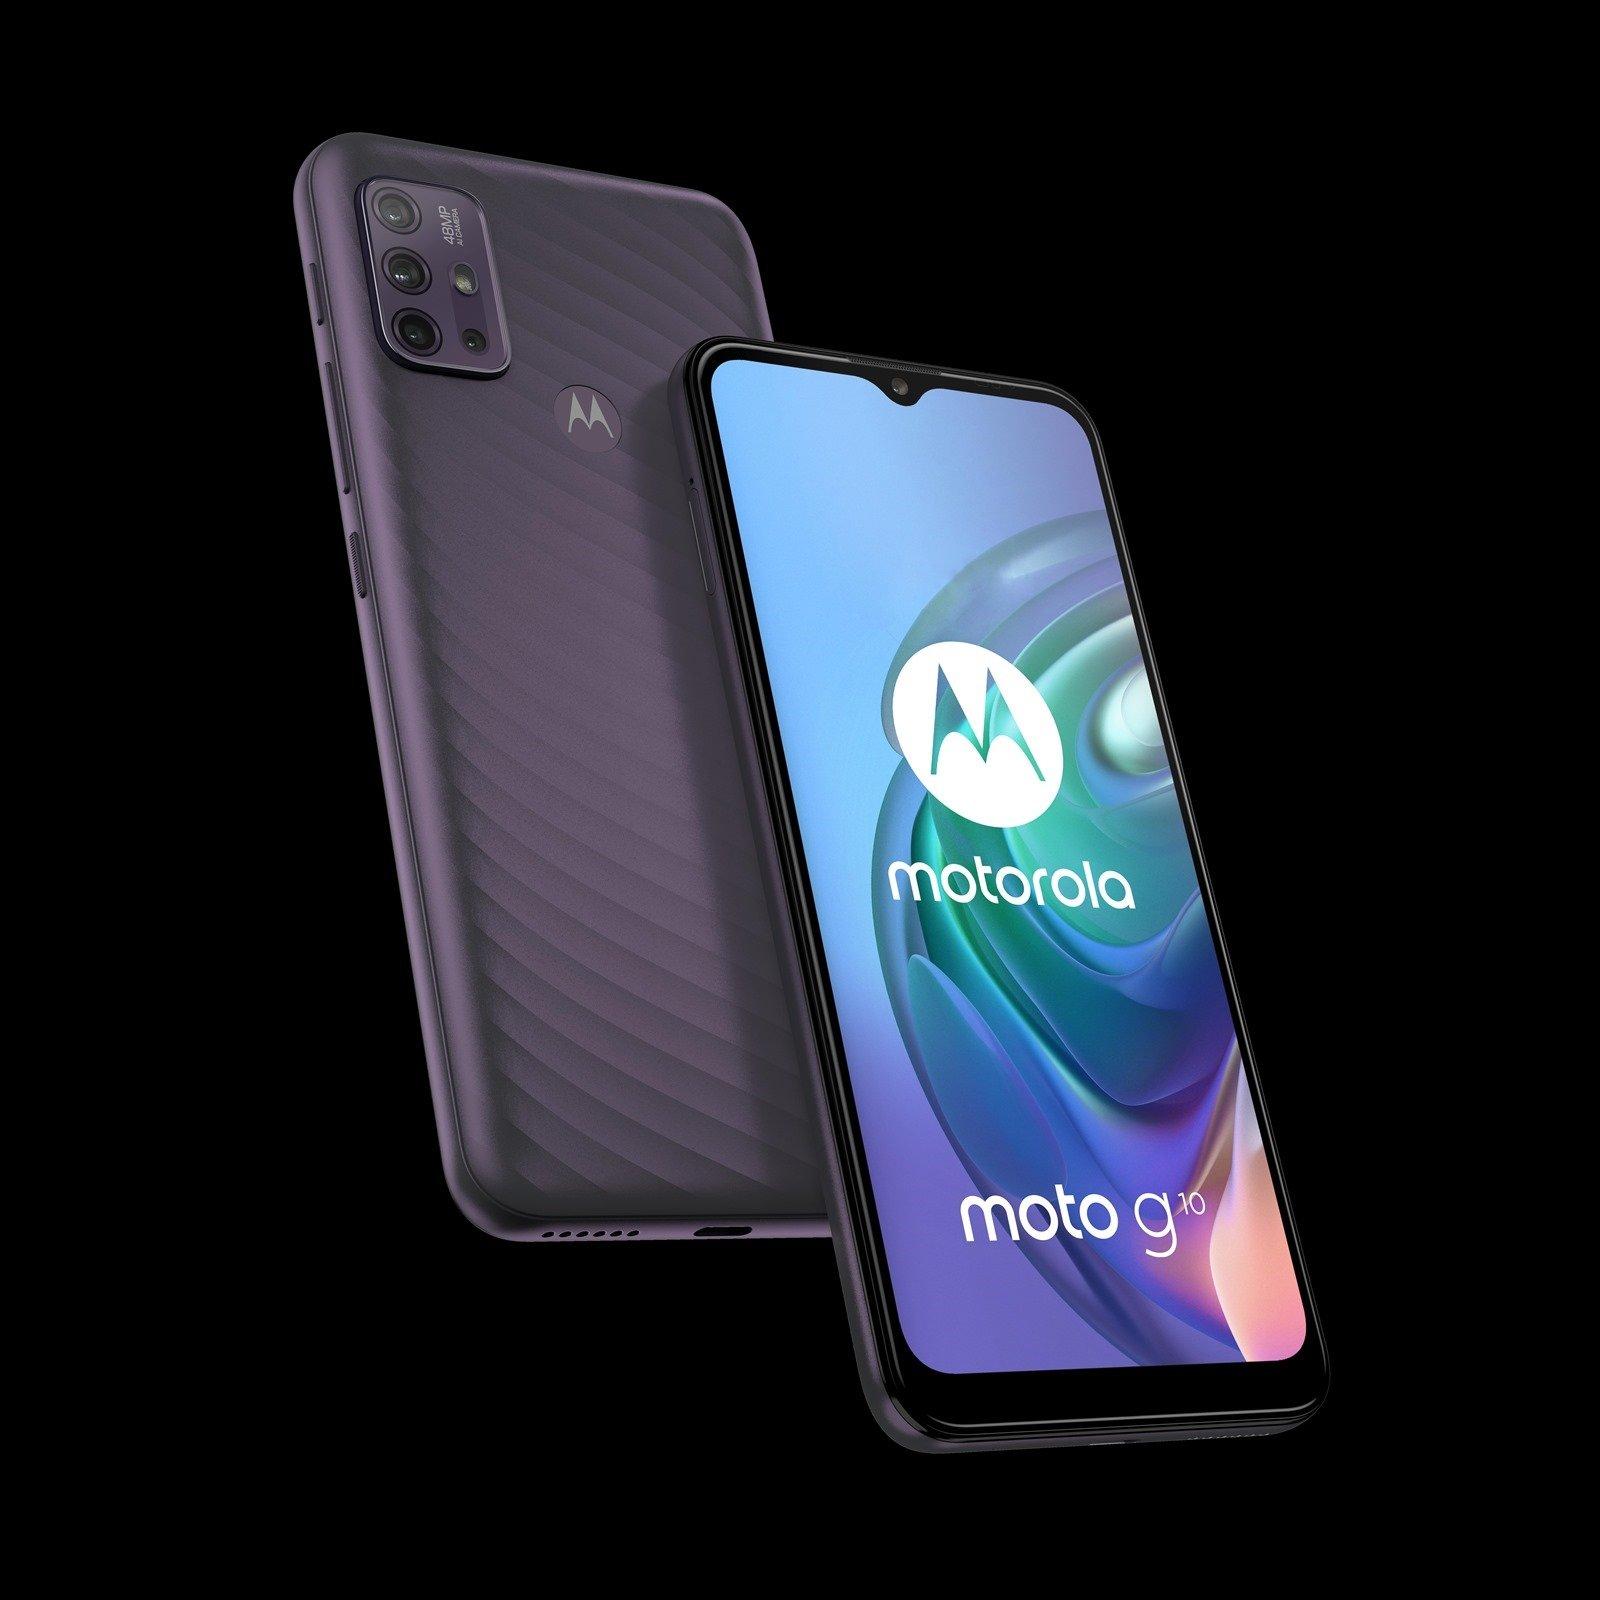 Motorola 在台推全新 g 系列手機 高 CP 值搶攻中階市場 g10、g30 高畫質四攝鏡頭、5000mAh 大電量 @3C 達人廖阿輝